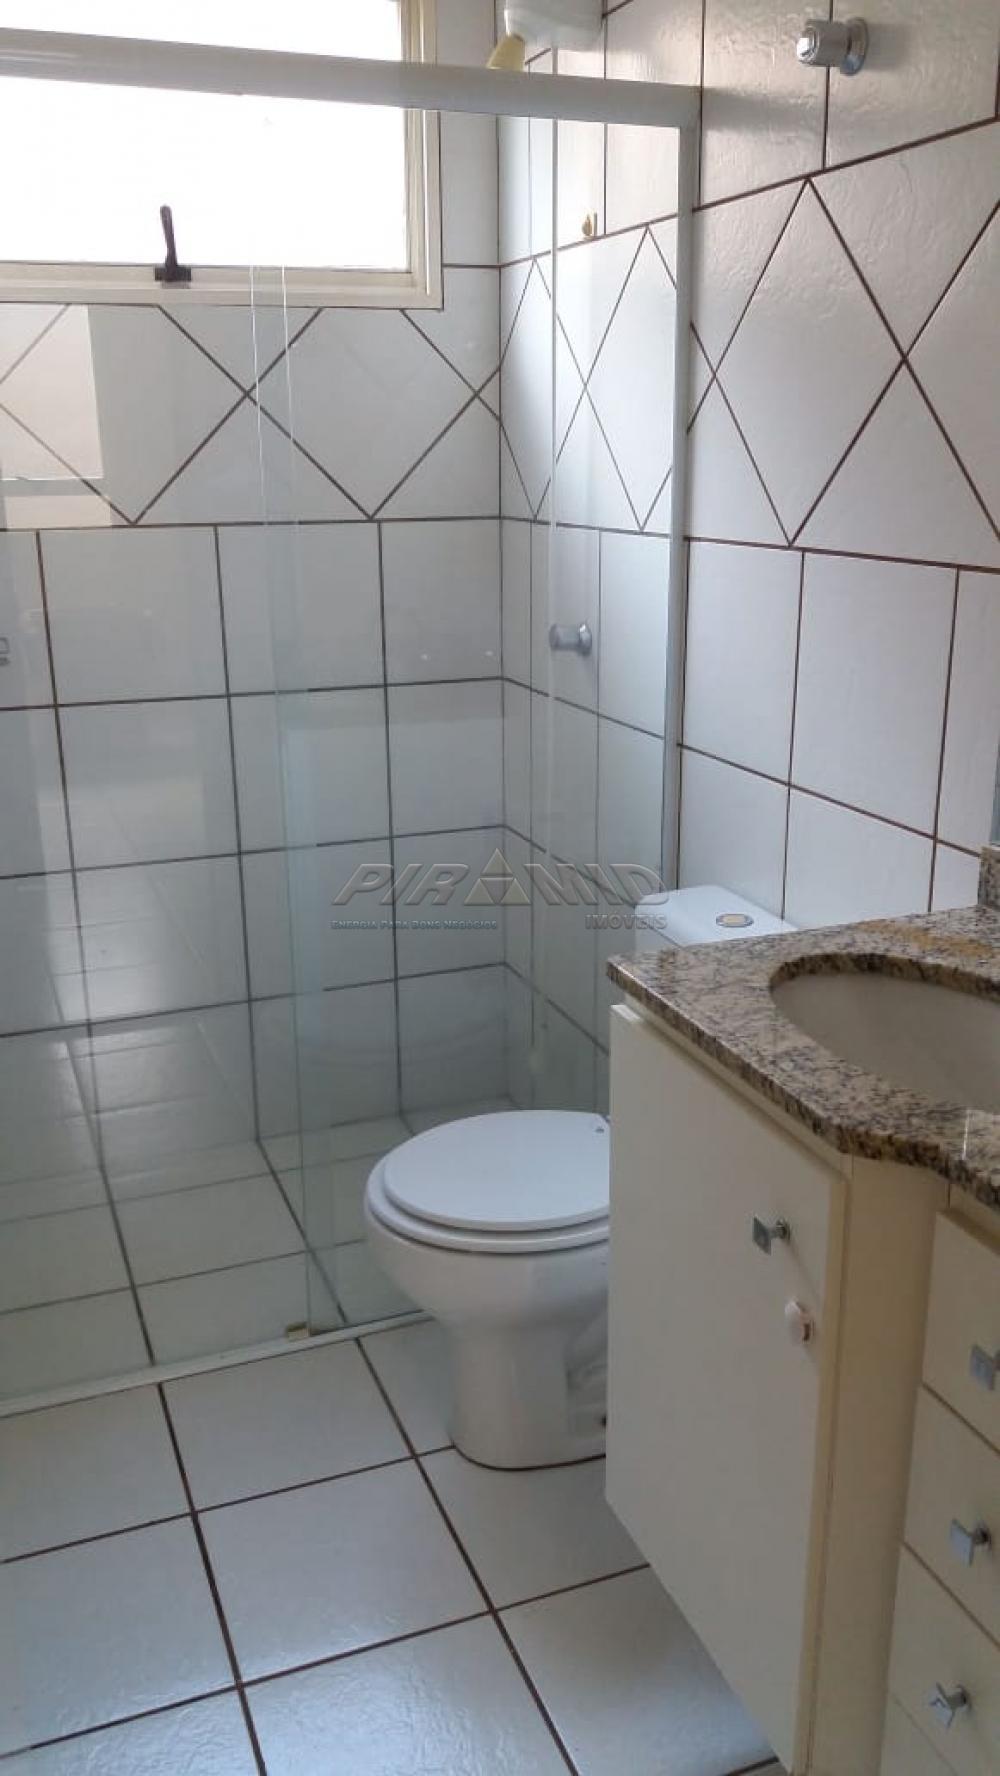 Comprar Casa / Condomínio em Ribeirão Preto apenas R$ 350.000,00 - Foto 9